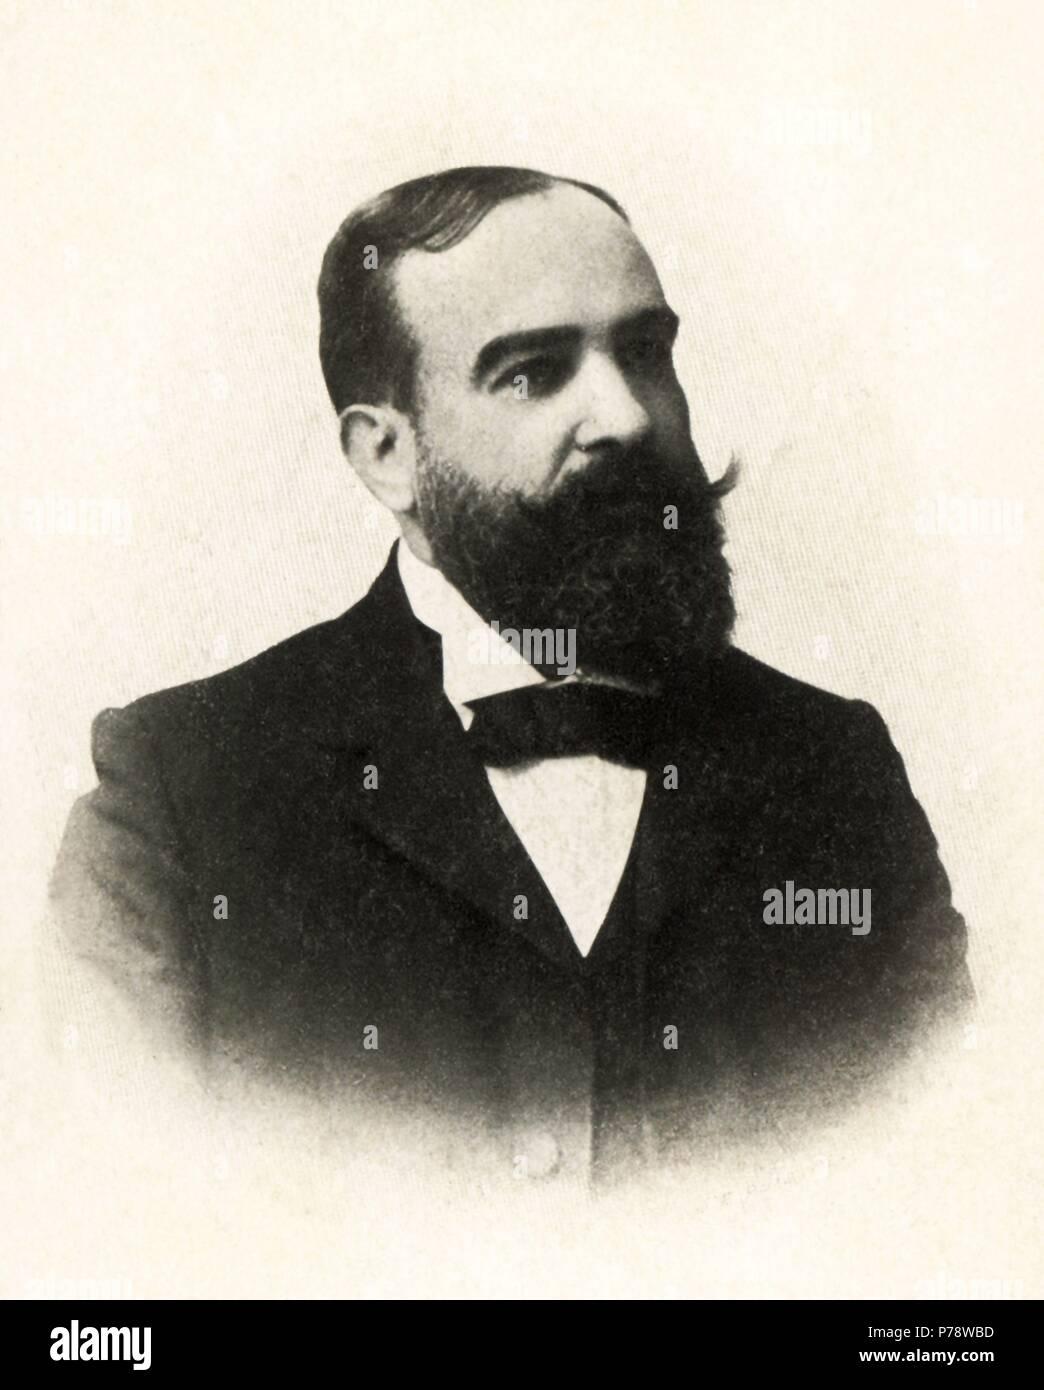 Andrés Martínez Vargas (1861-1948), médico y pediatra barcelonés. Año 1930. Foto de stock